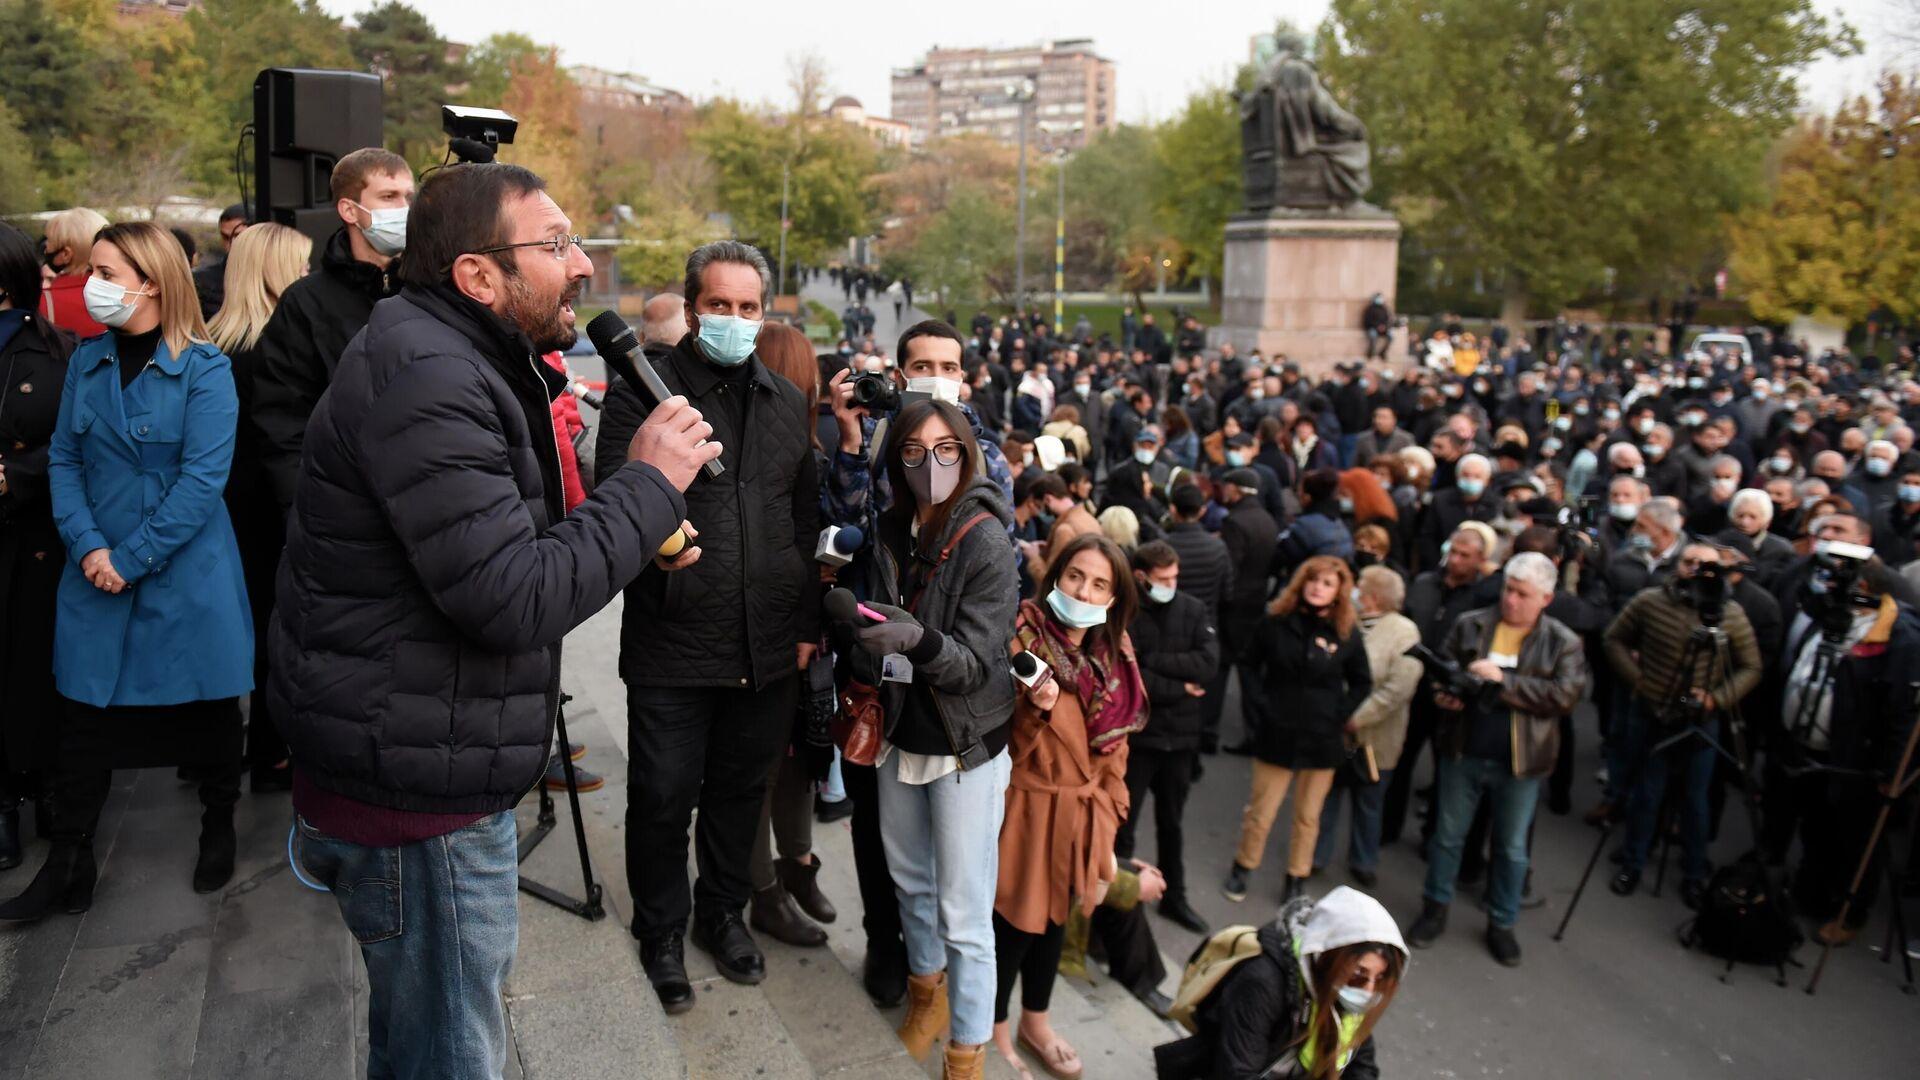 Бывший депутат, член партии АРФ Дашнакцутюн Гегам Манукян выступает на митинге оппозиции на Площади Свободы в Ереване - РИА Новости, 1920, 23.11.2020